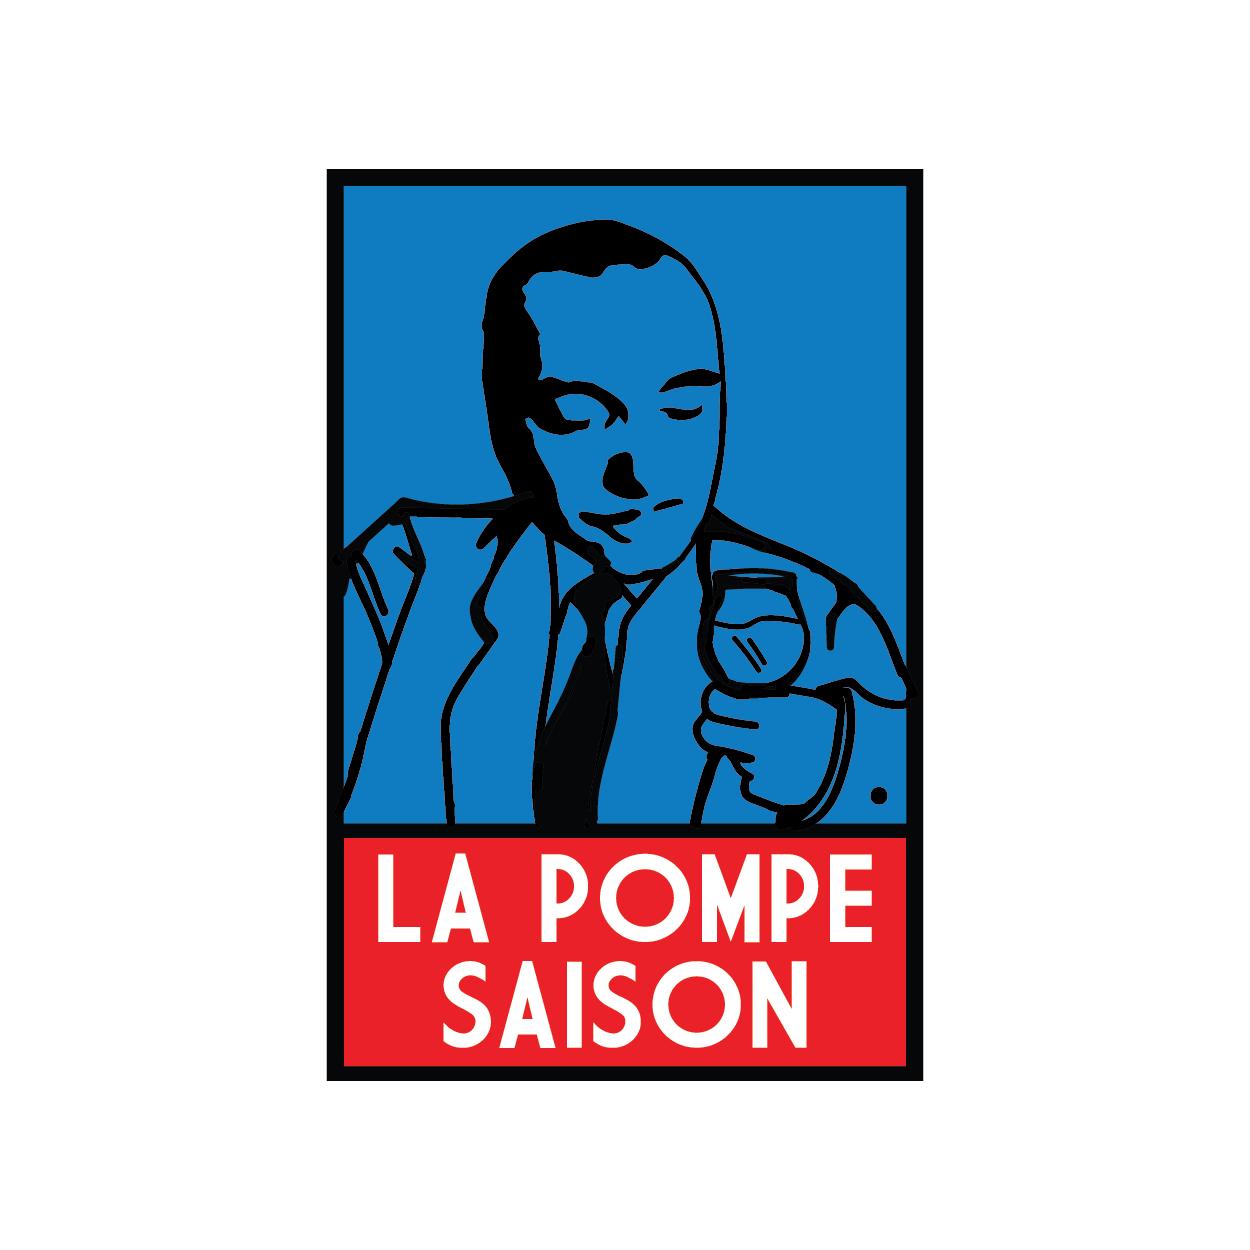 LaPompe Saison